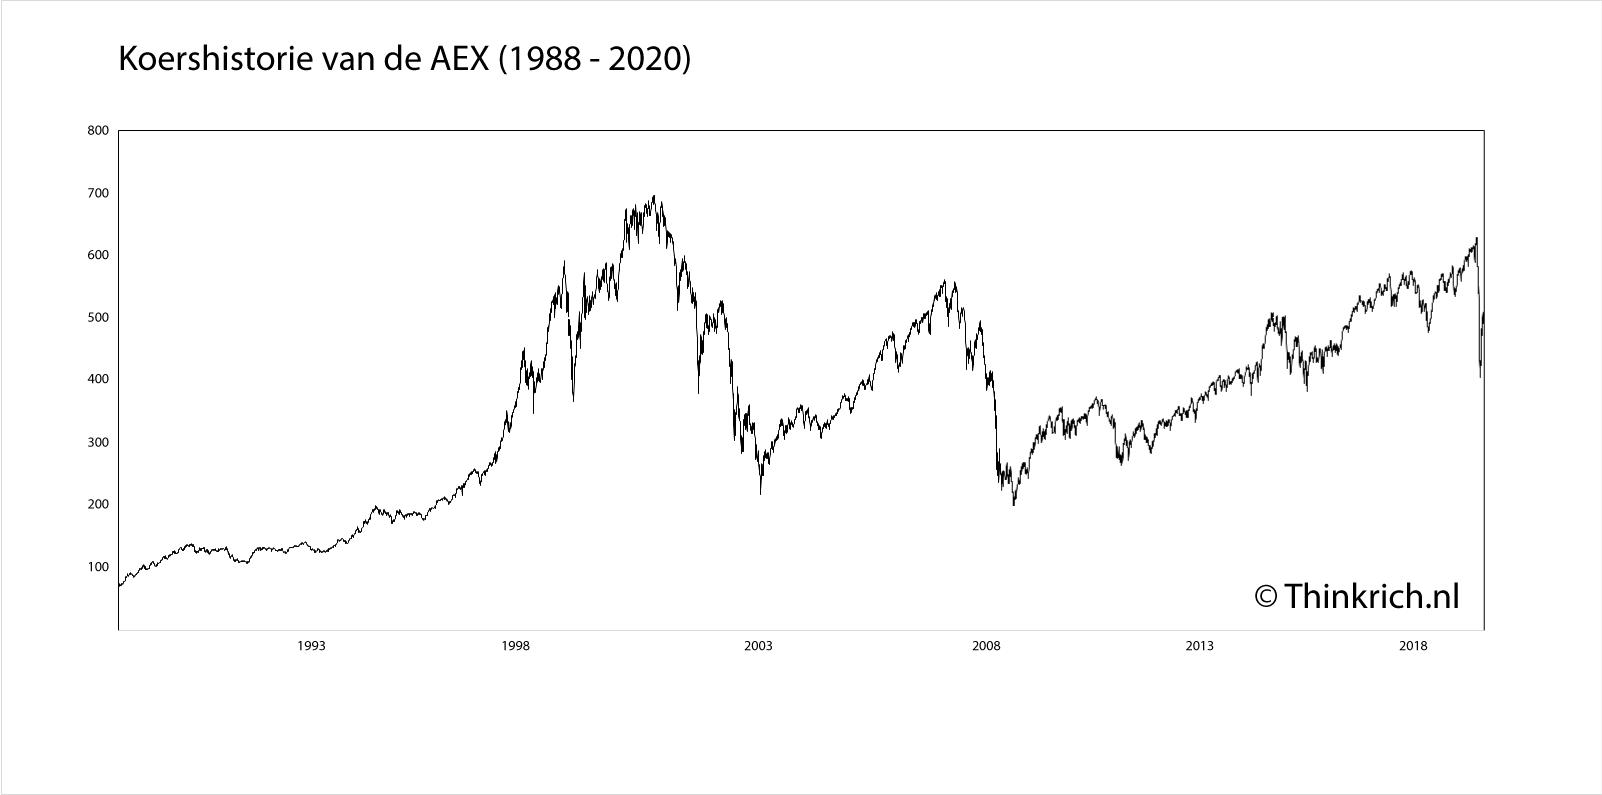 Koershistorie van de AEX (1988 - 2020)